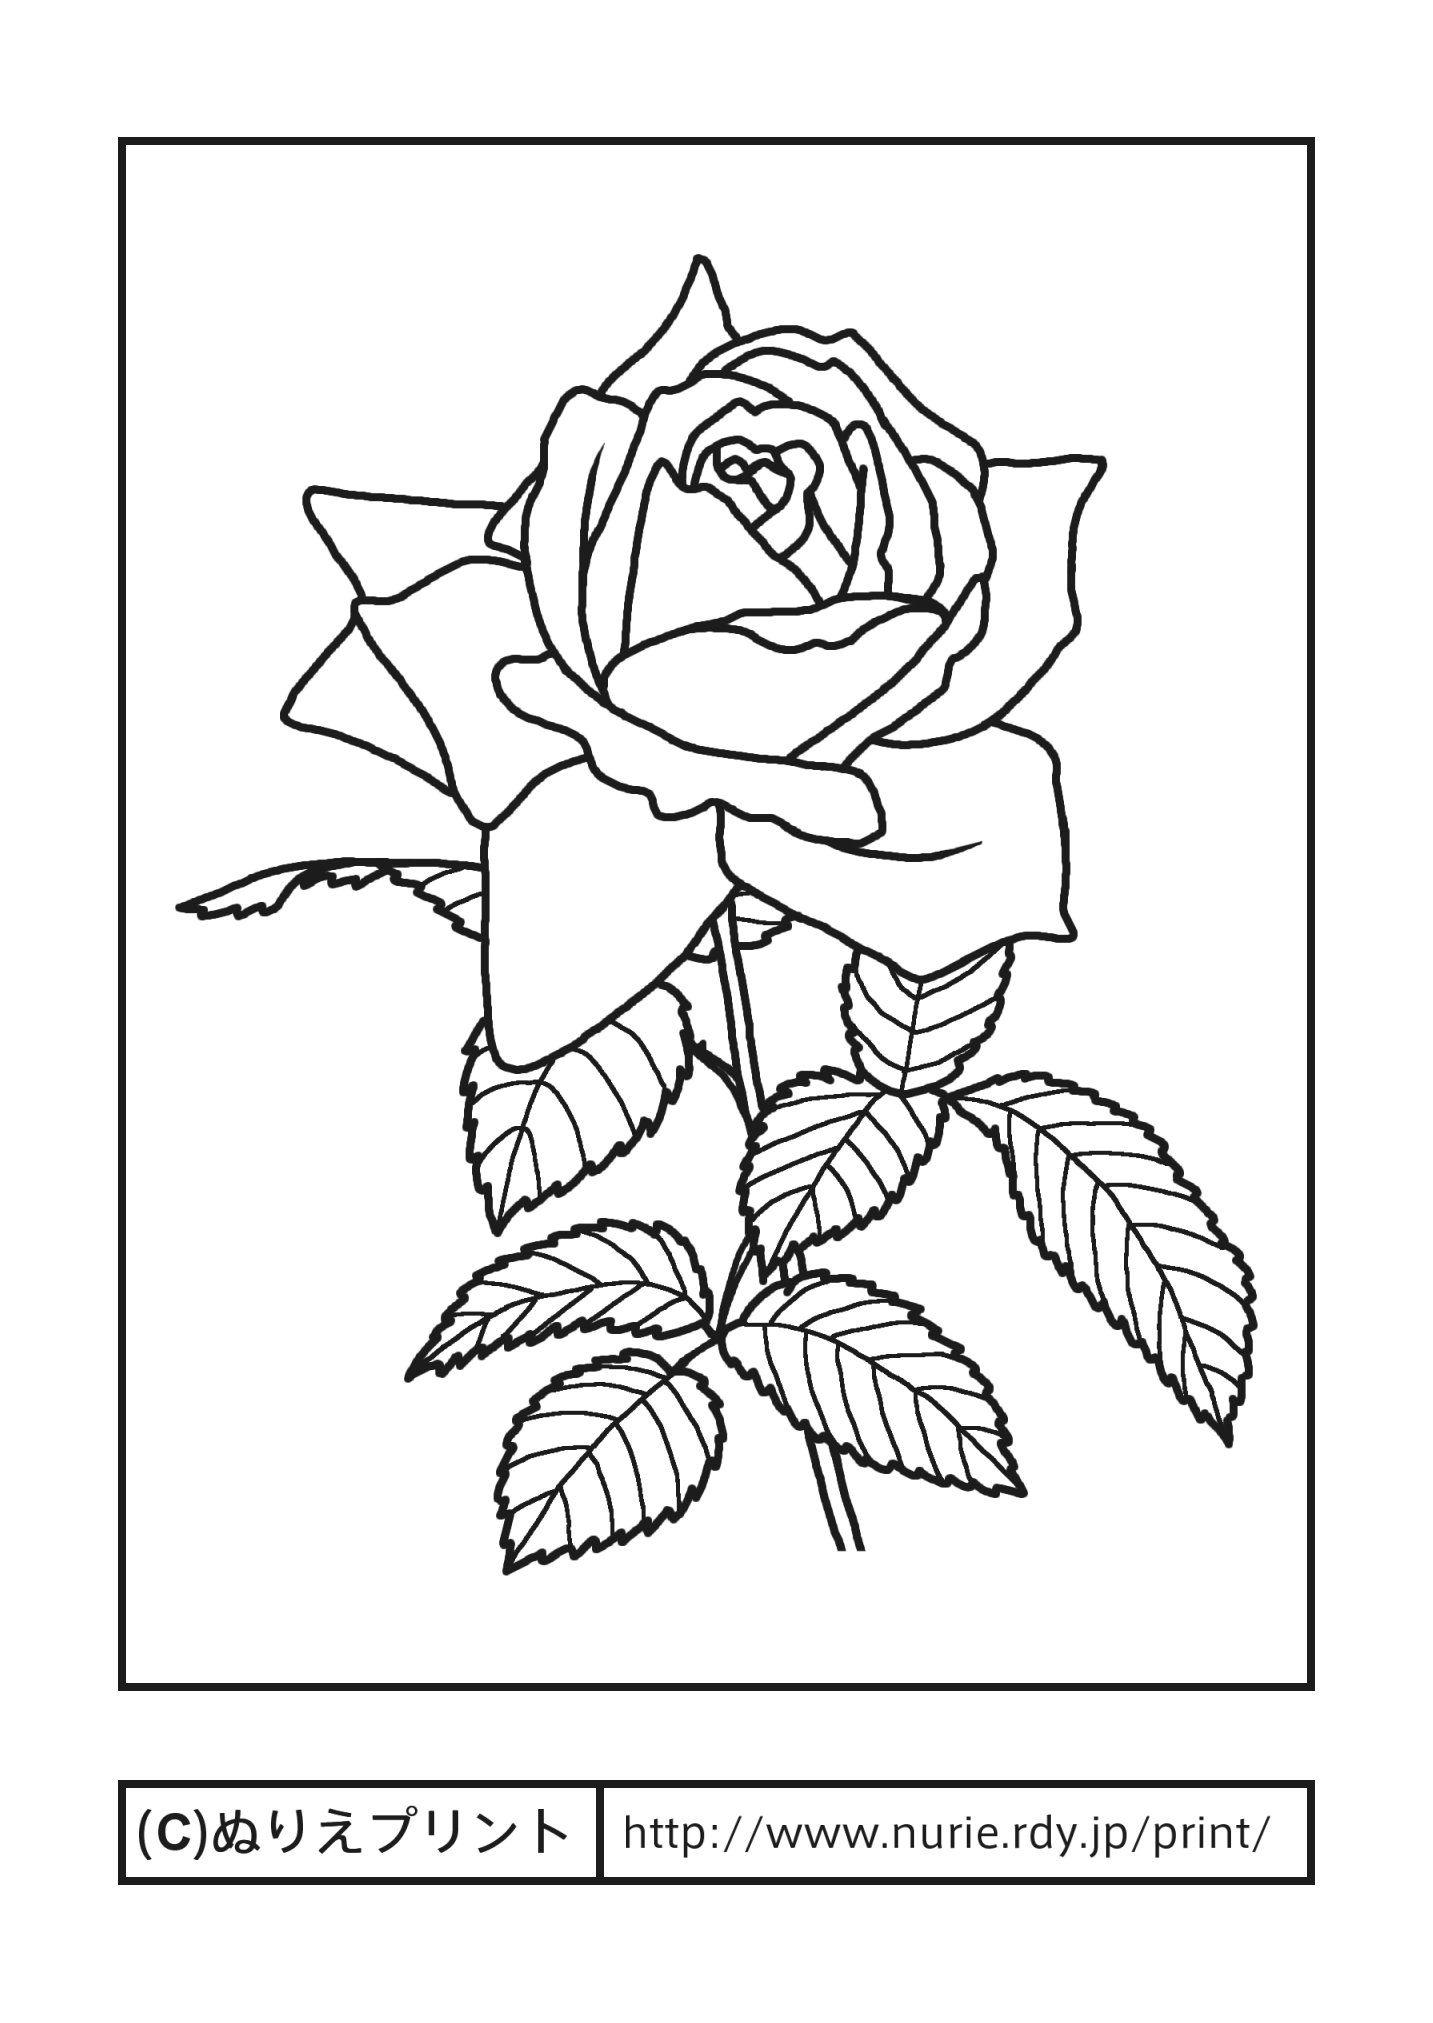 バラ薔薇主線黒茨城県の花無料塗り絵都道府県ぬりえプリント